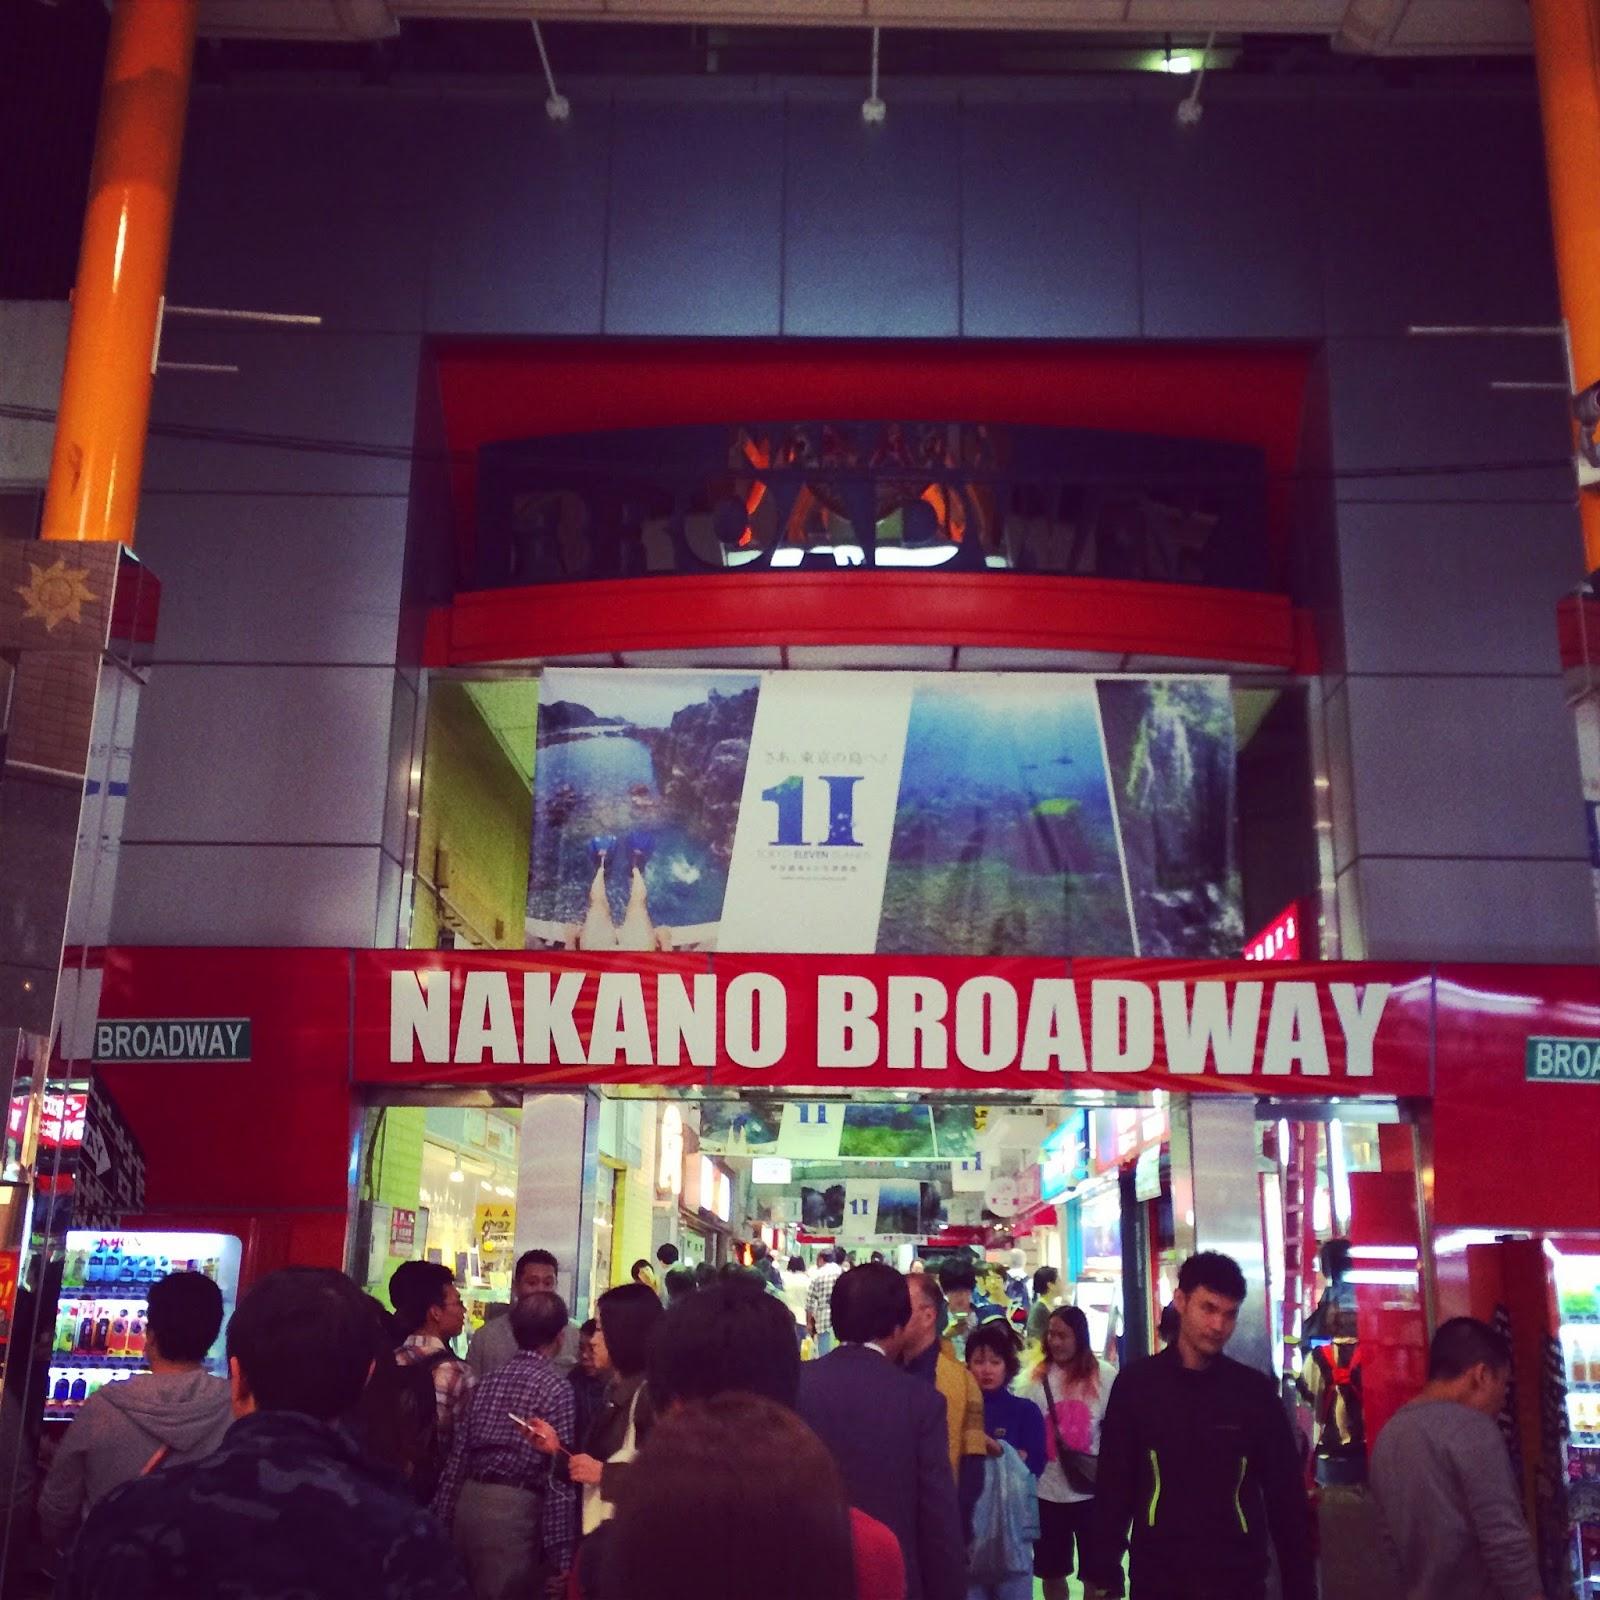 nagano broadway tokyo japan otaku